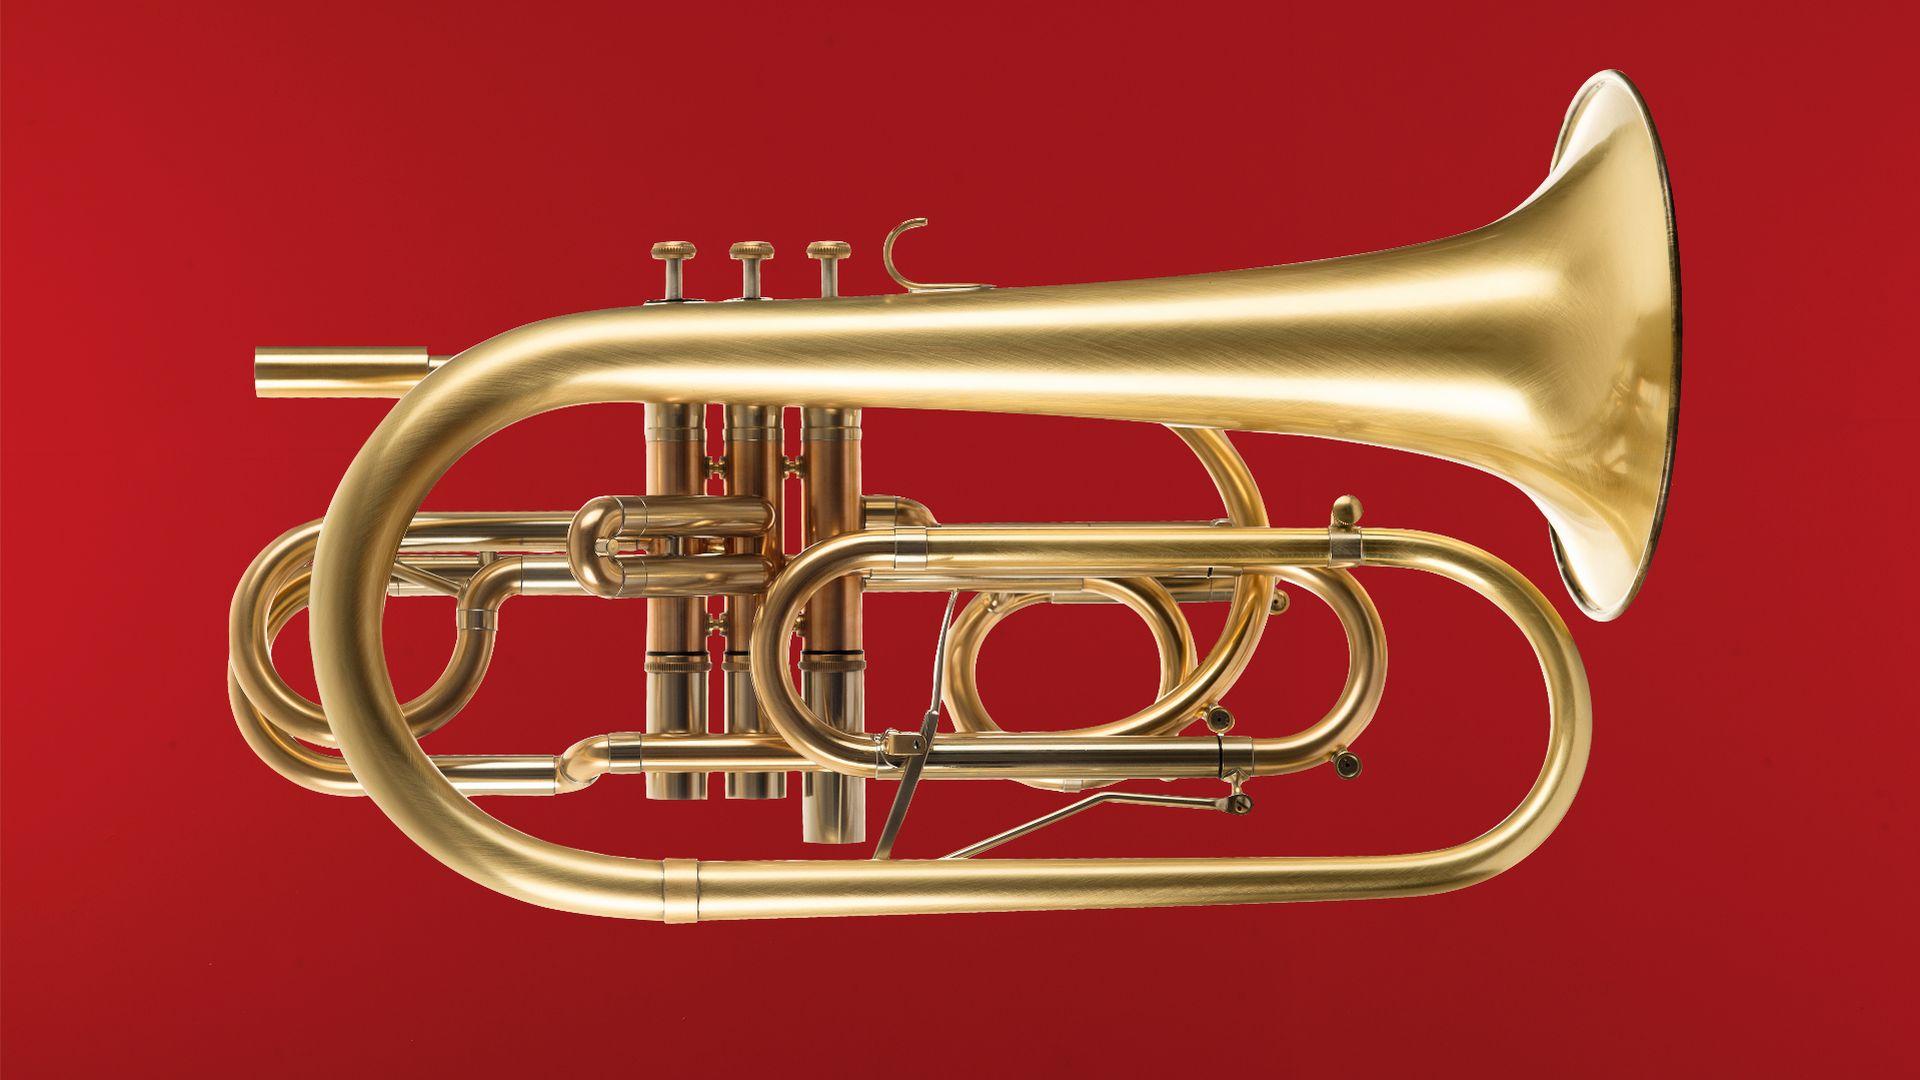 basstrompete_trigger_r_1920x1080px